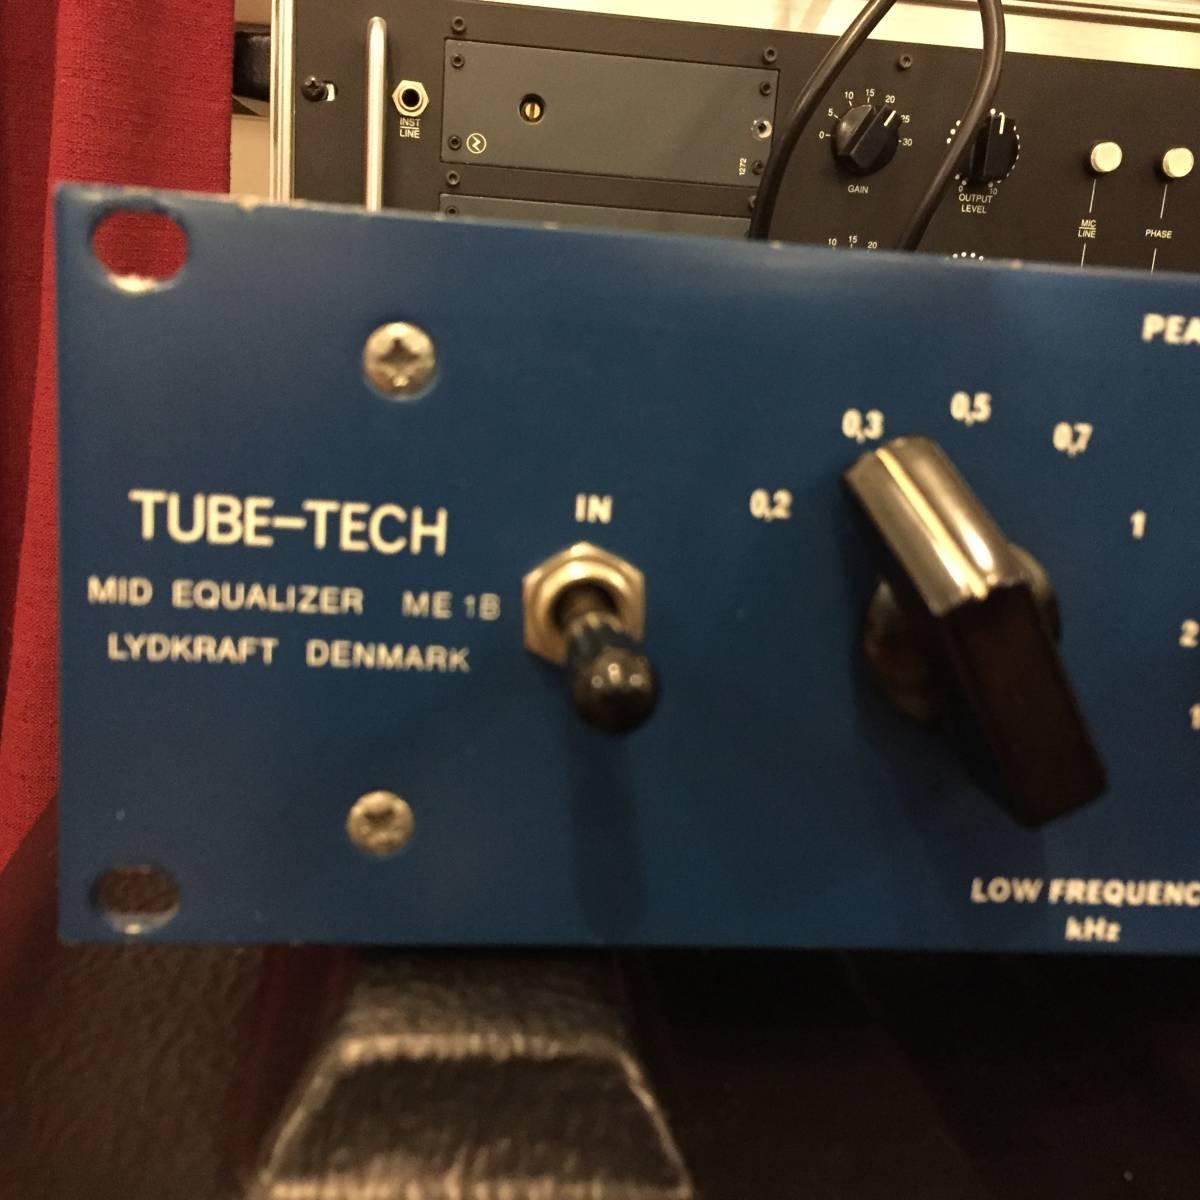 ★動作確認★【ヒビノ正規品】 TUBE-TECH ME1B ミッドレンジイコライザー NEVE、AVALON DESIGN、SSL、API_画像5